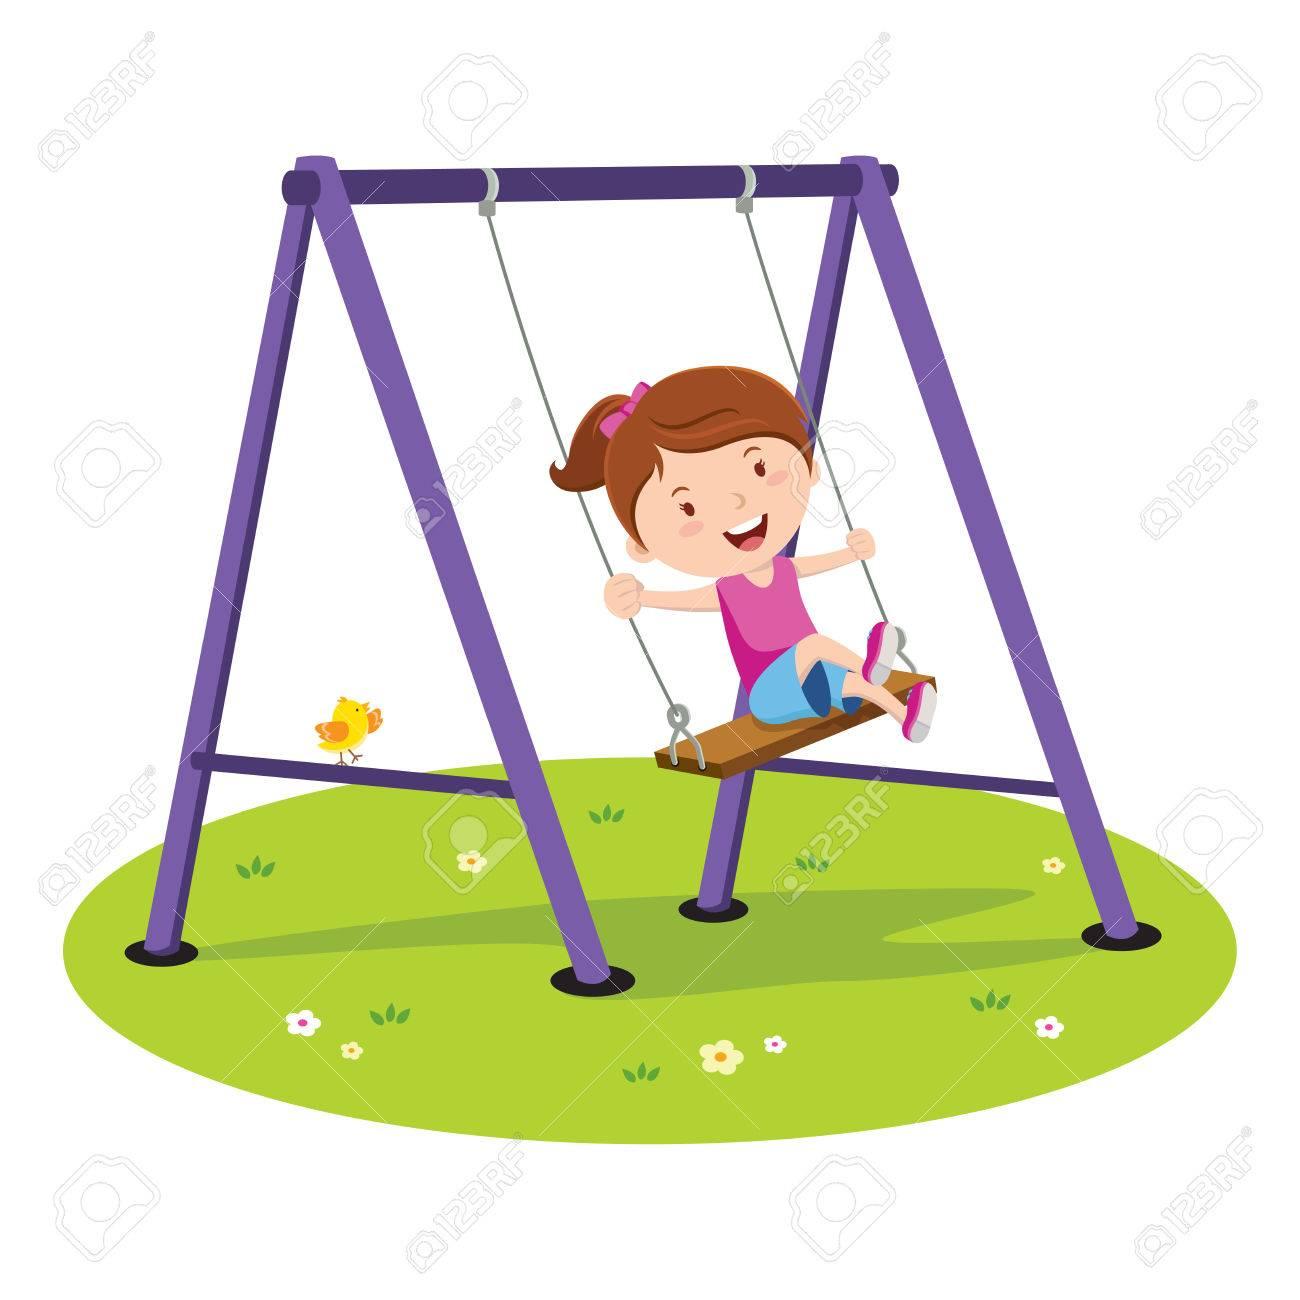 Girl Swing Clipart.